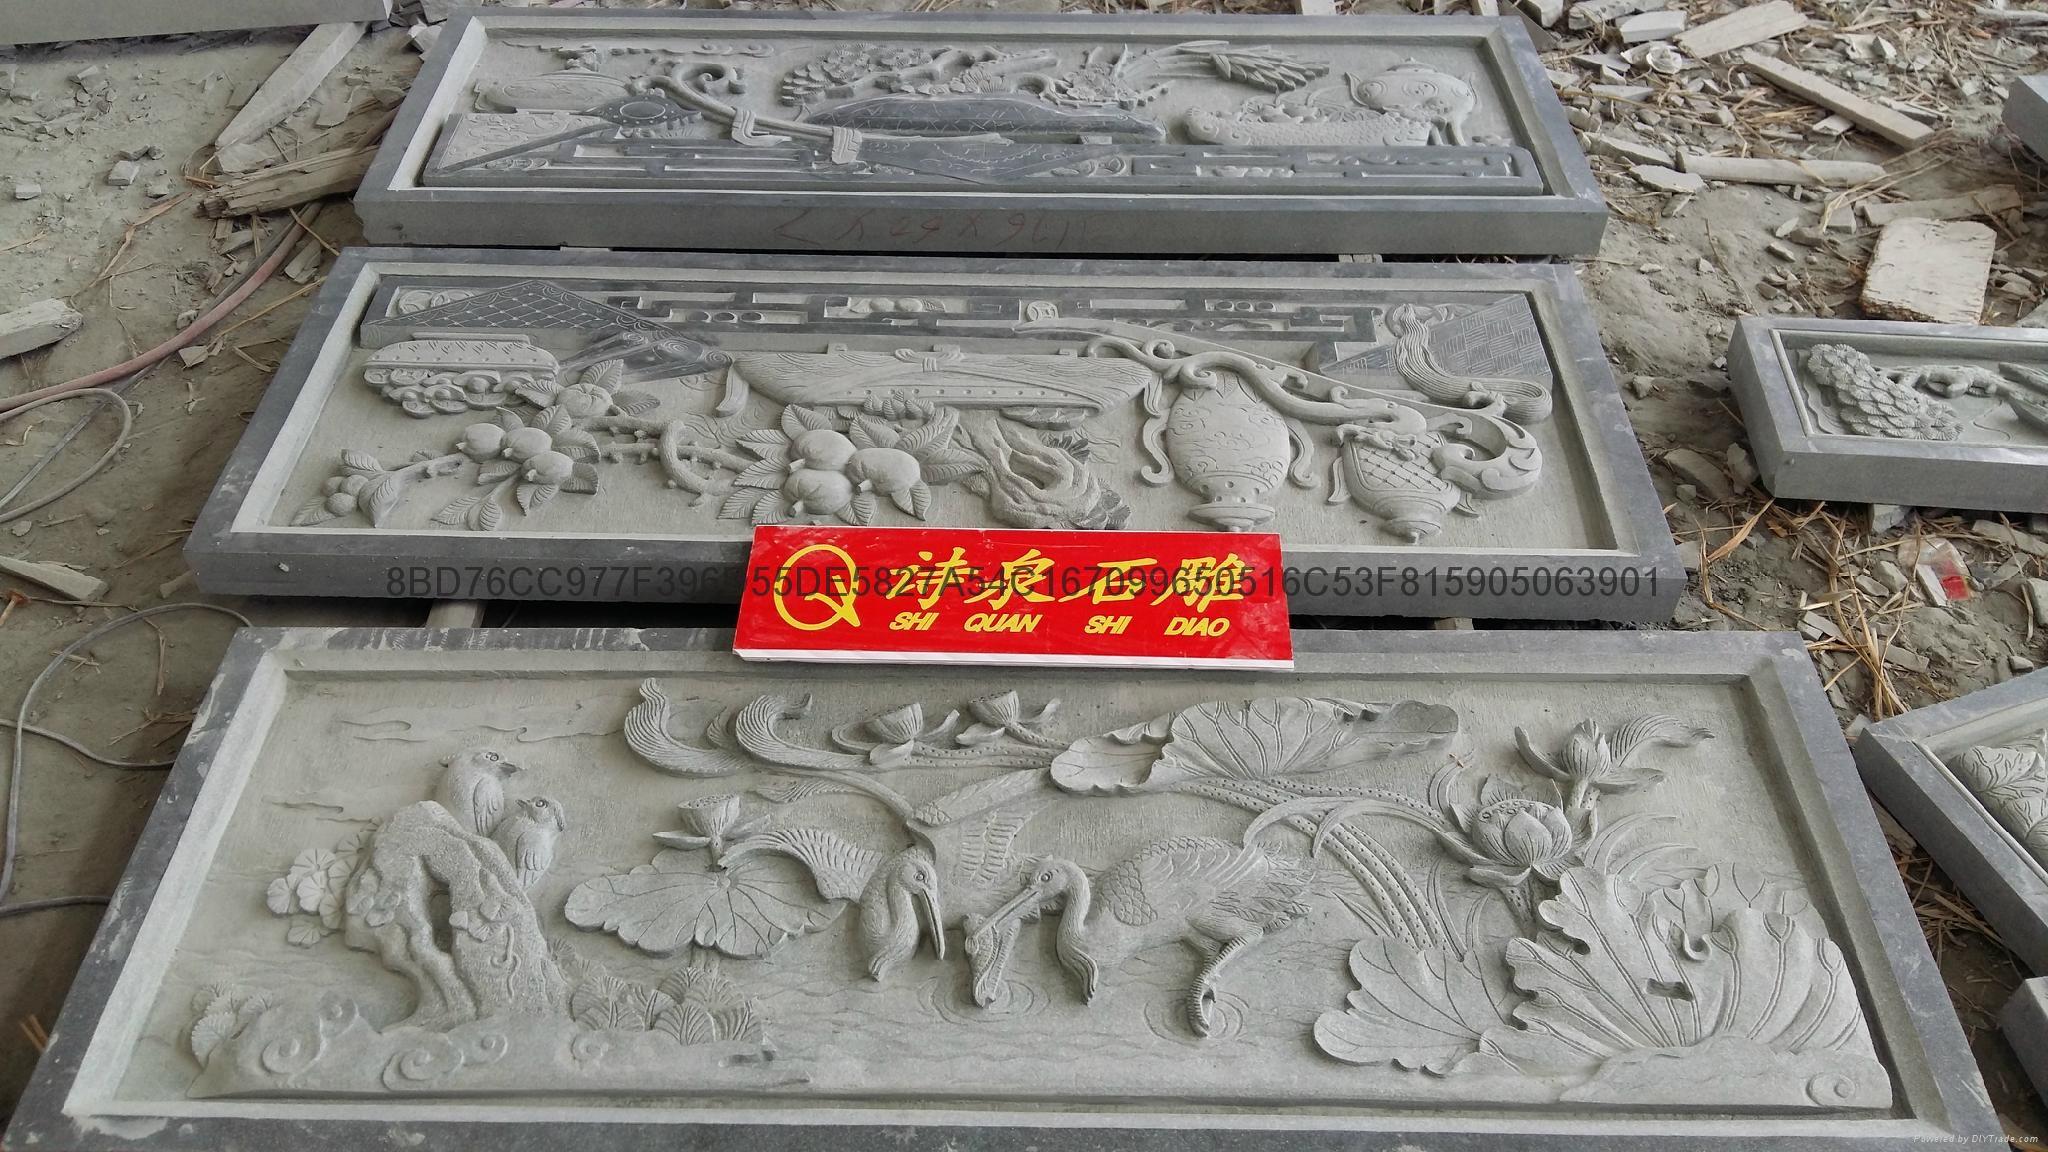 福建石雕廠供應青石浮雕石材雕刻 12